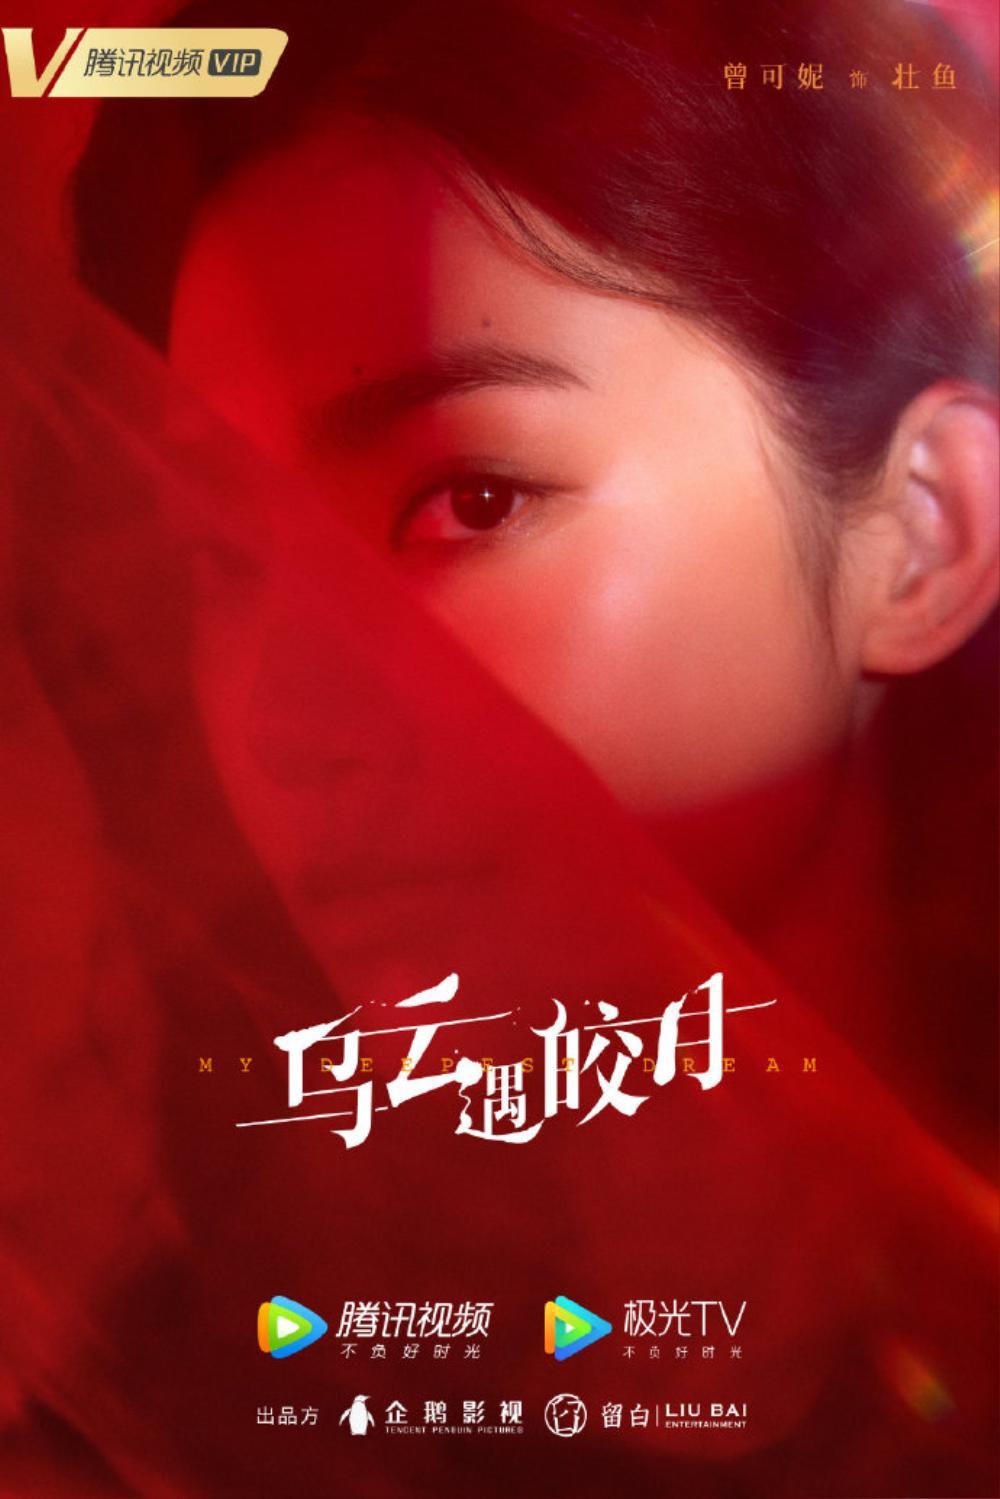 'Mây đen gặp trăng sáng' giới thiệu dàn diễn viên chính qua poster nhân vật đẹp mê li Ảnh 10